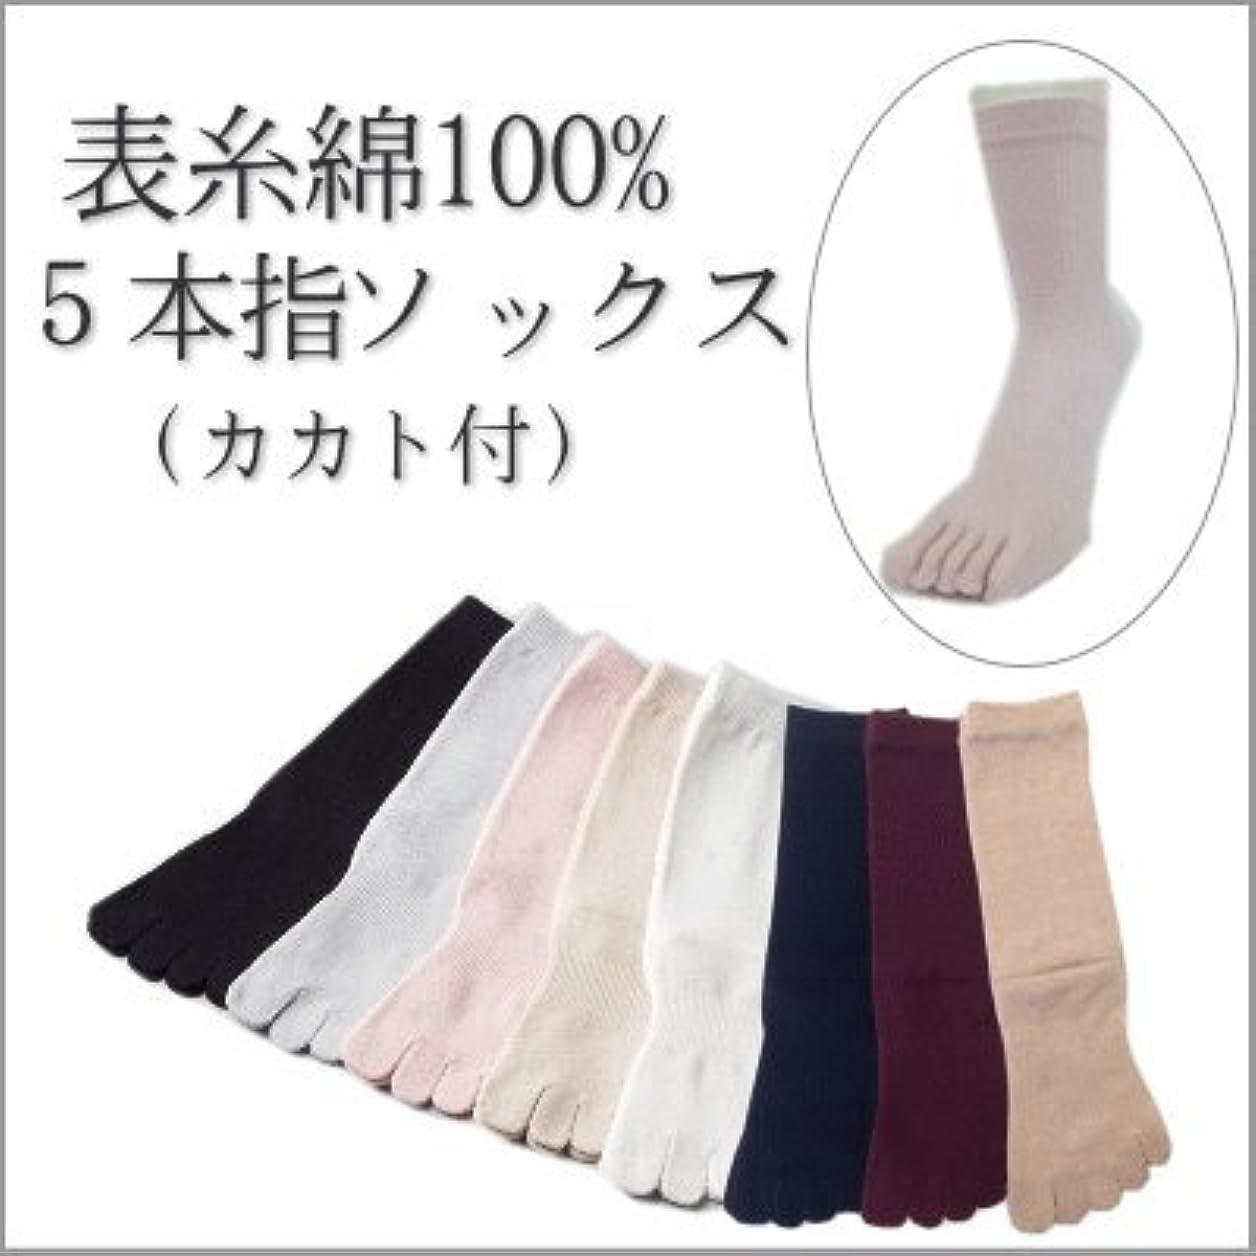 ナンセンスはっきりしないバンガロー女性用 5本指 ソックス 抗菌防臭 加工 綿100%糸使用 老舗 靴下 メーカーのこだわり 23-25cm 太陽ニット 320(グレー)